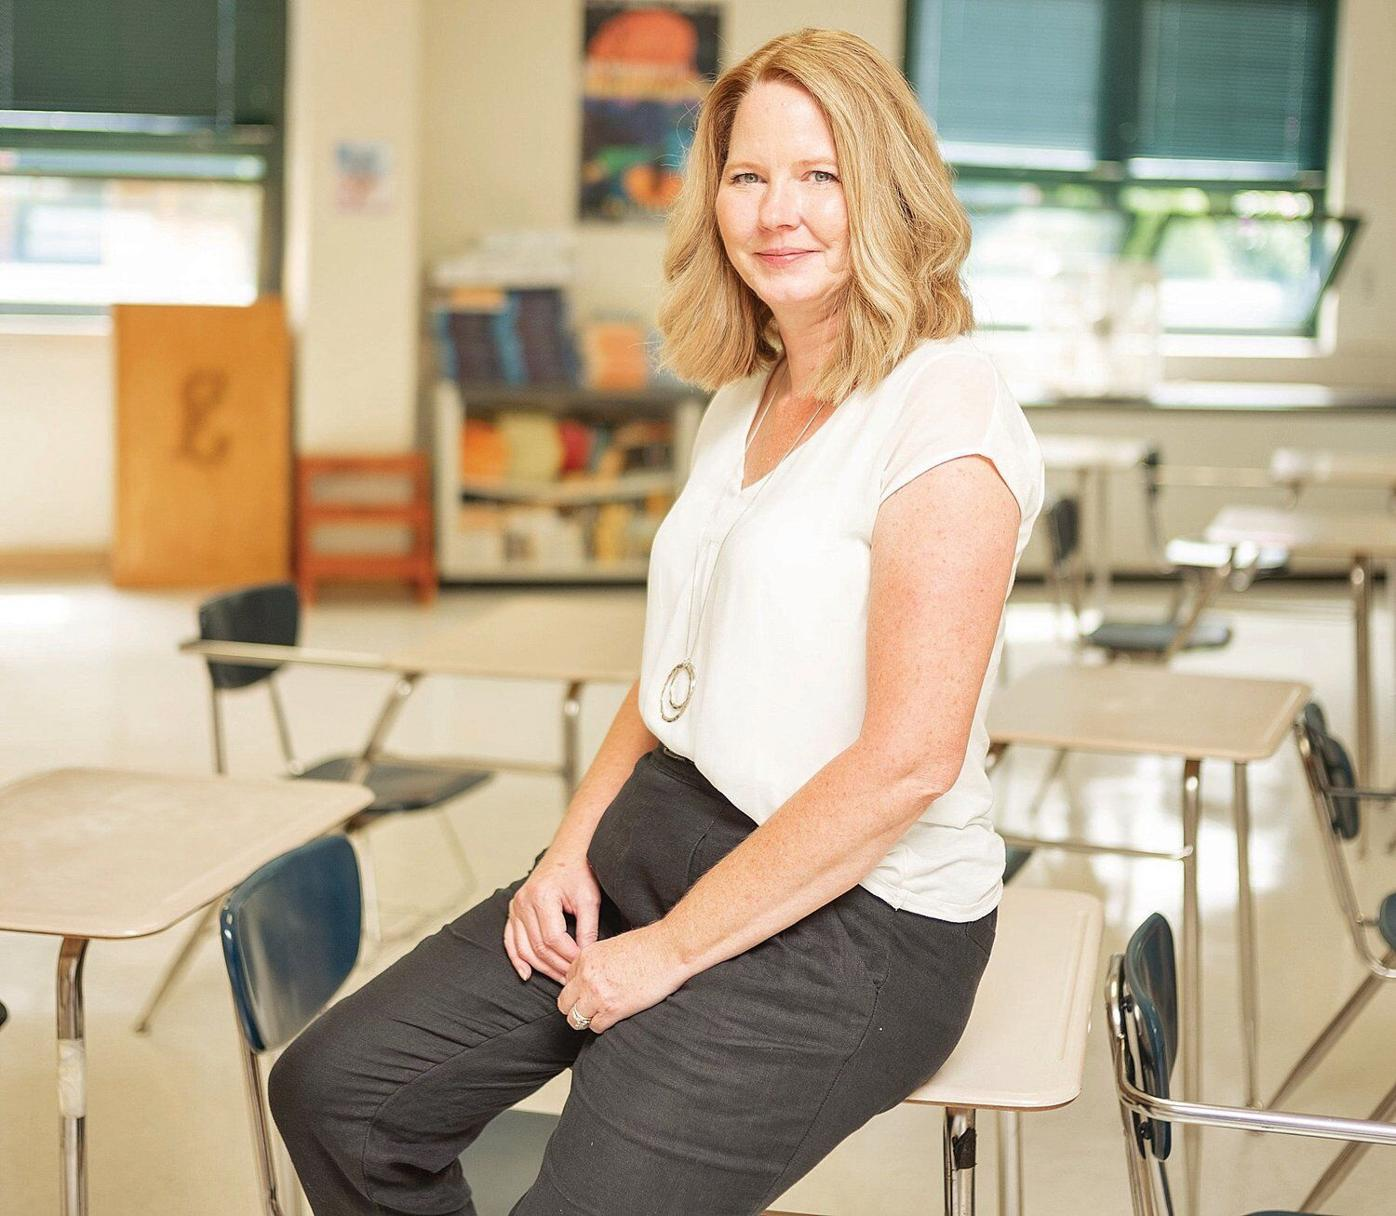 'Honored' Lee teacher wins Kapteyn Prize